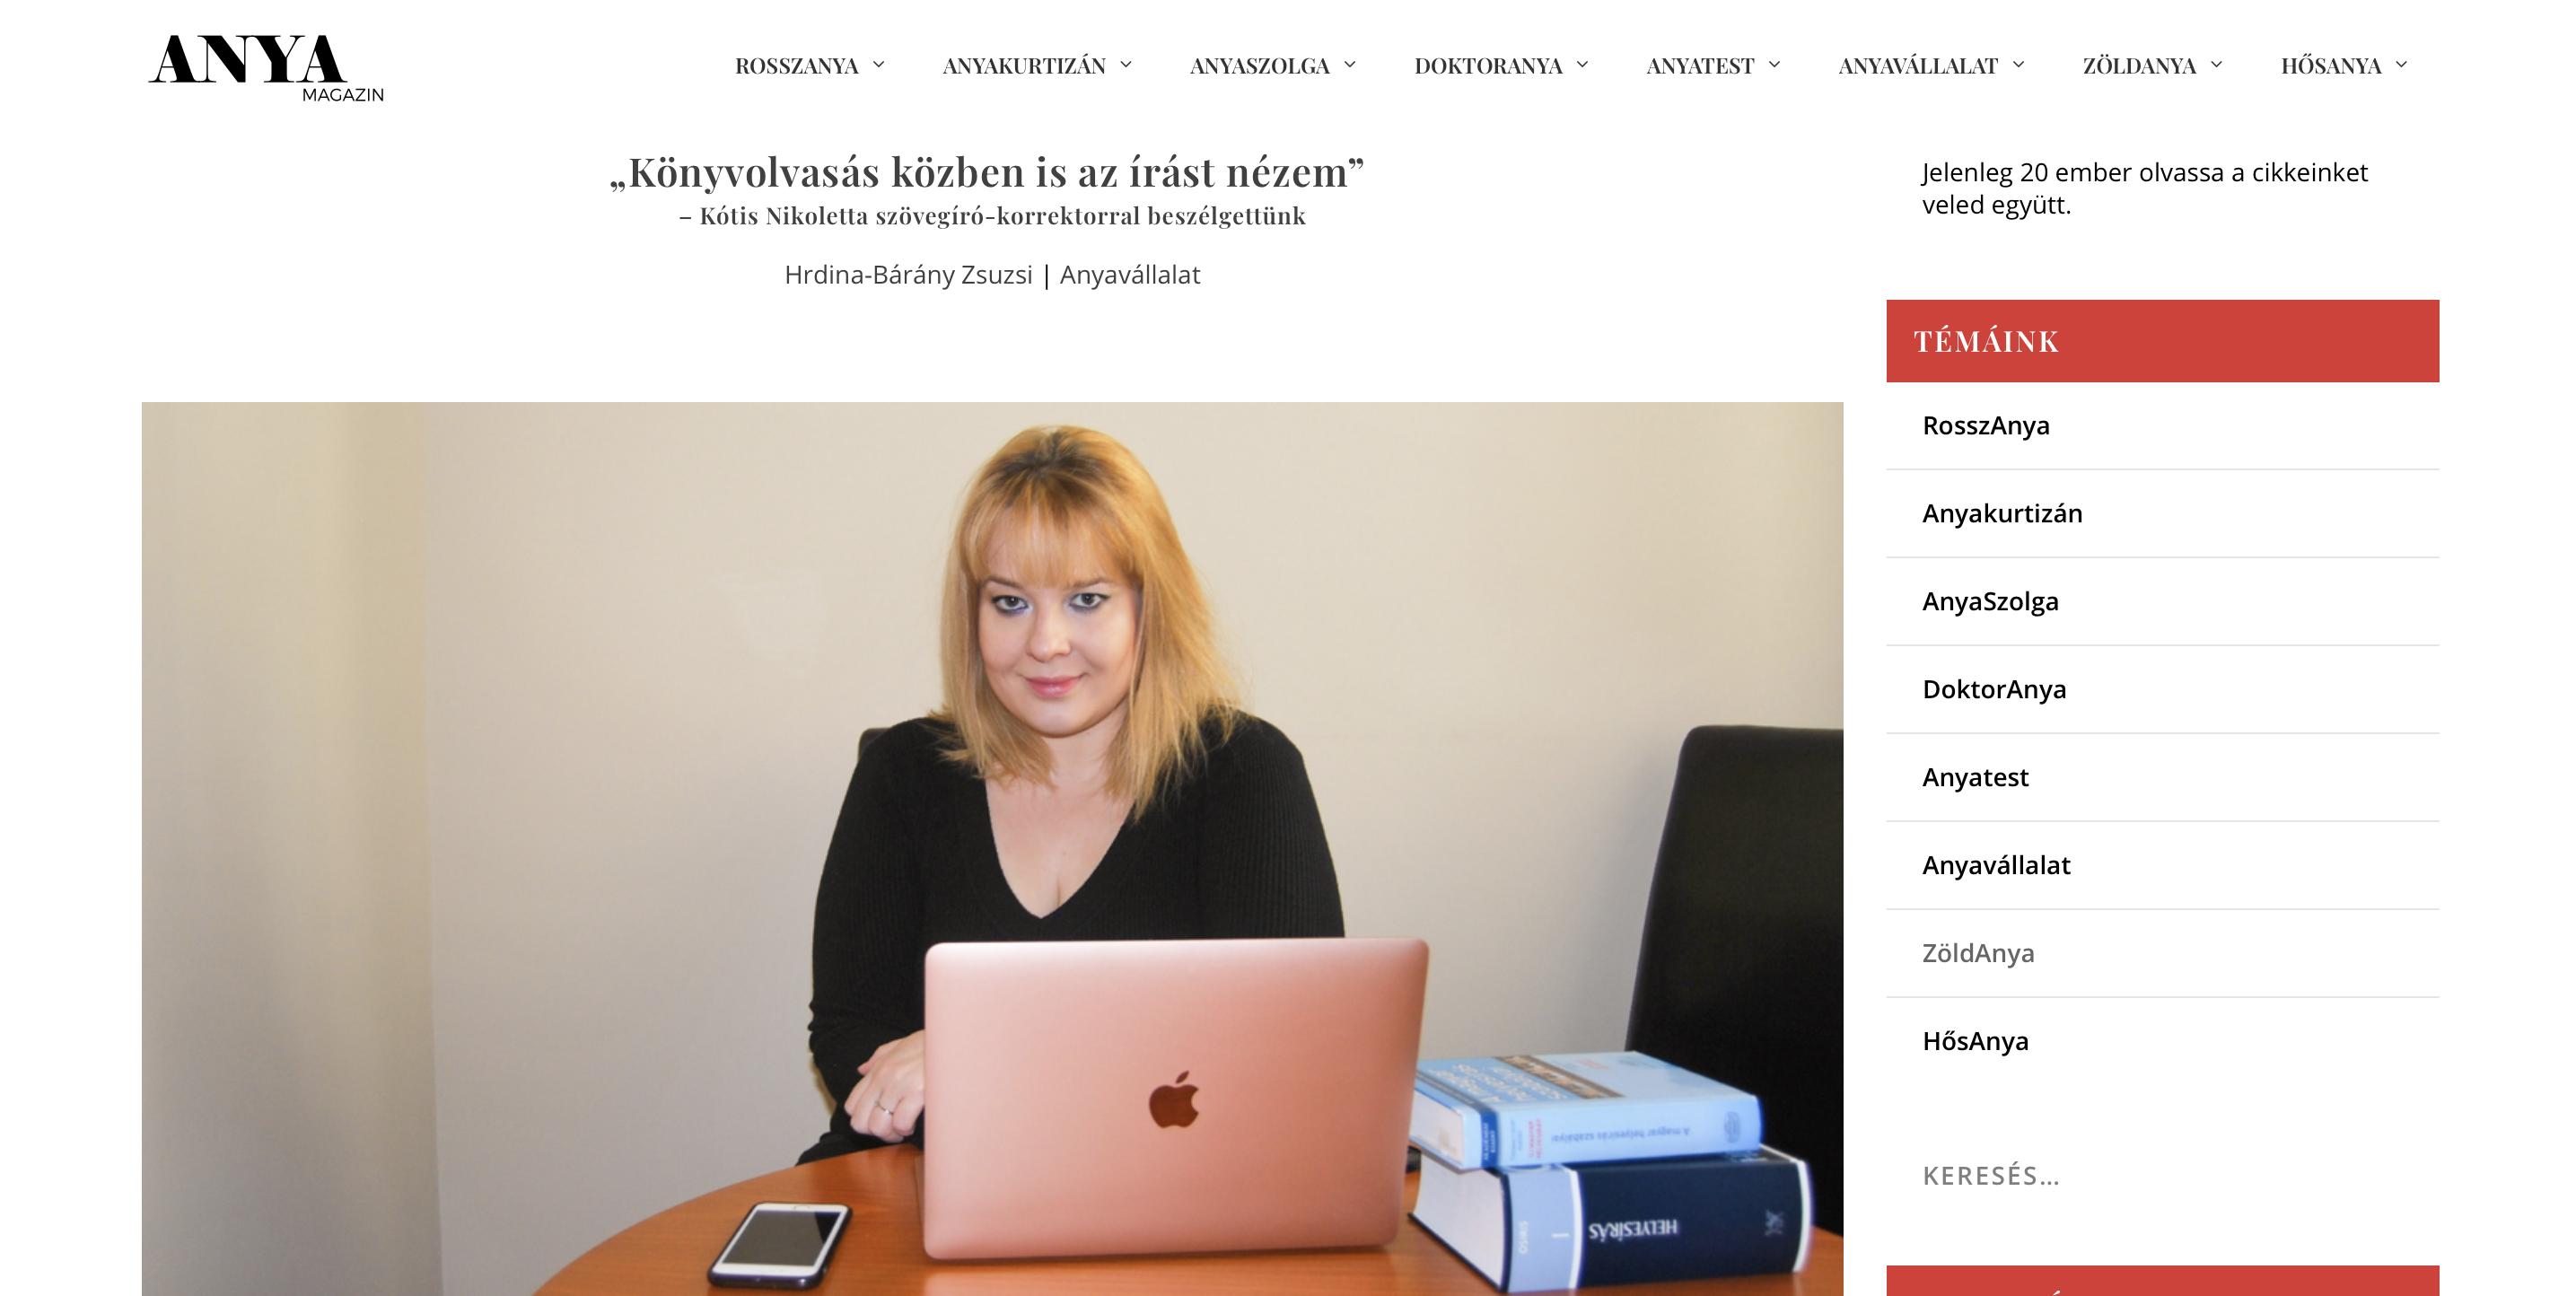 Kótis Nikoletta szövegíró-korrektor interjúja az Anyamagazinban